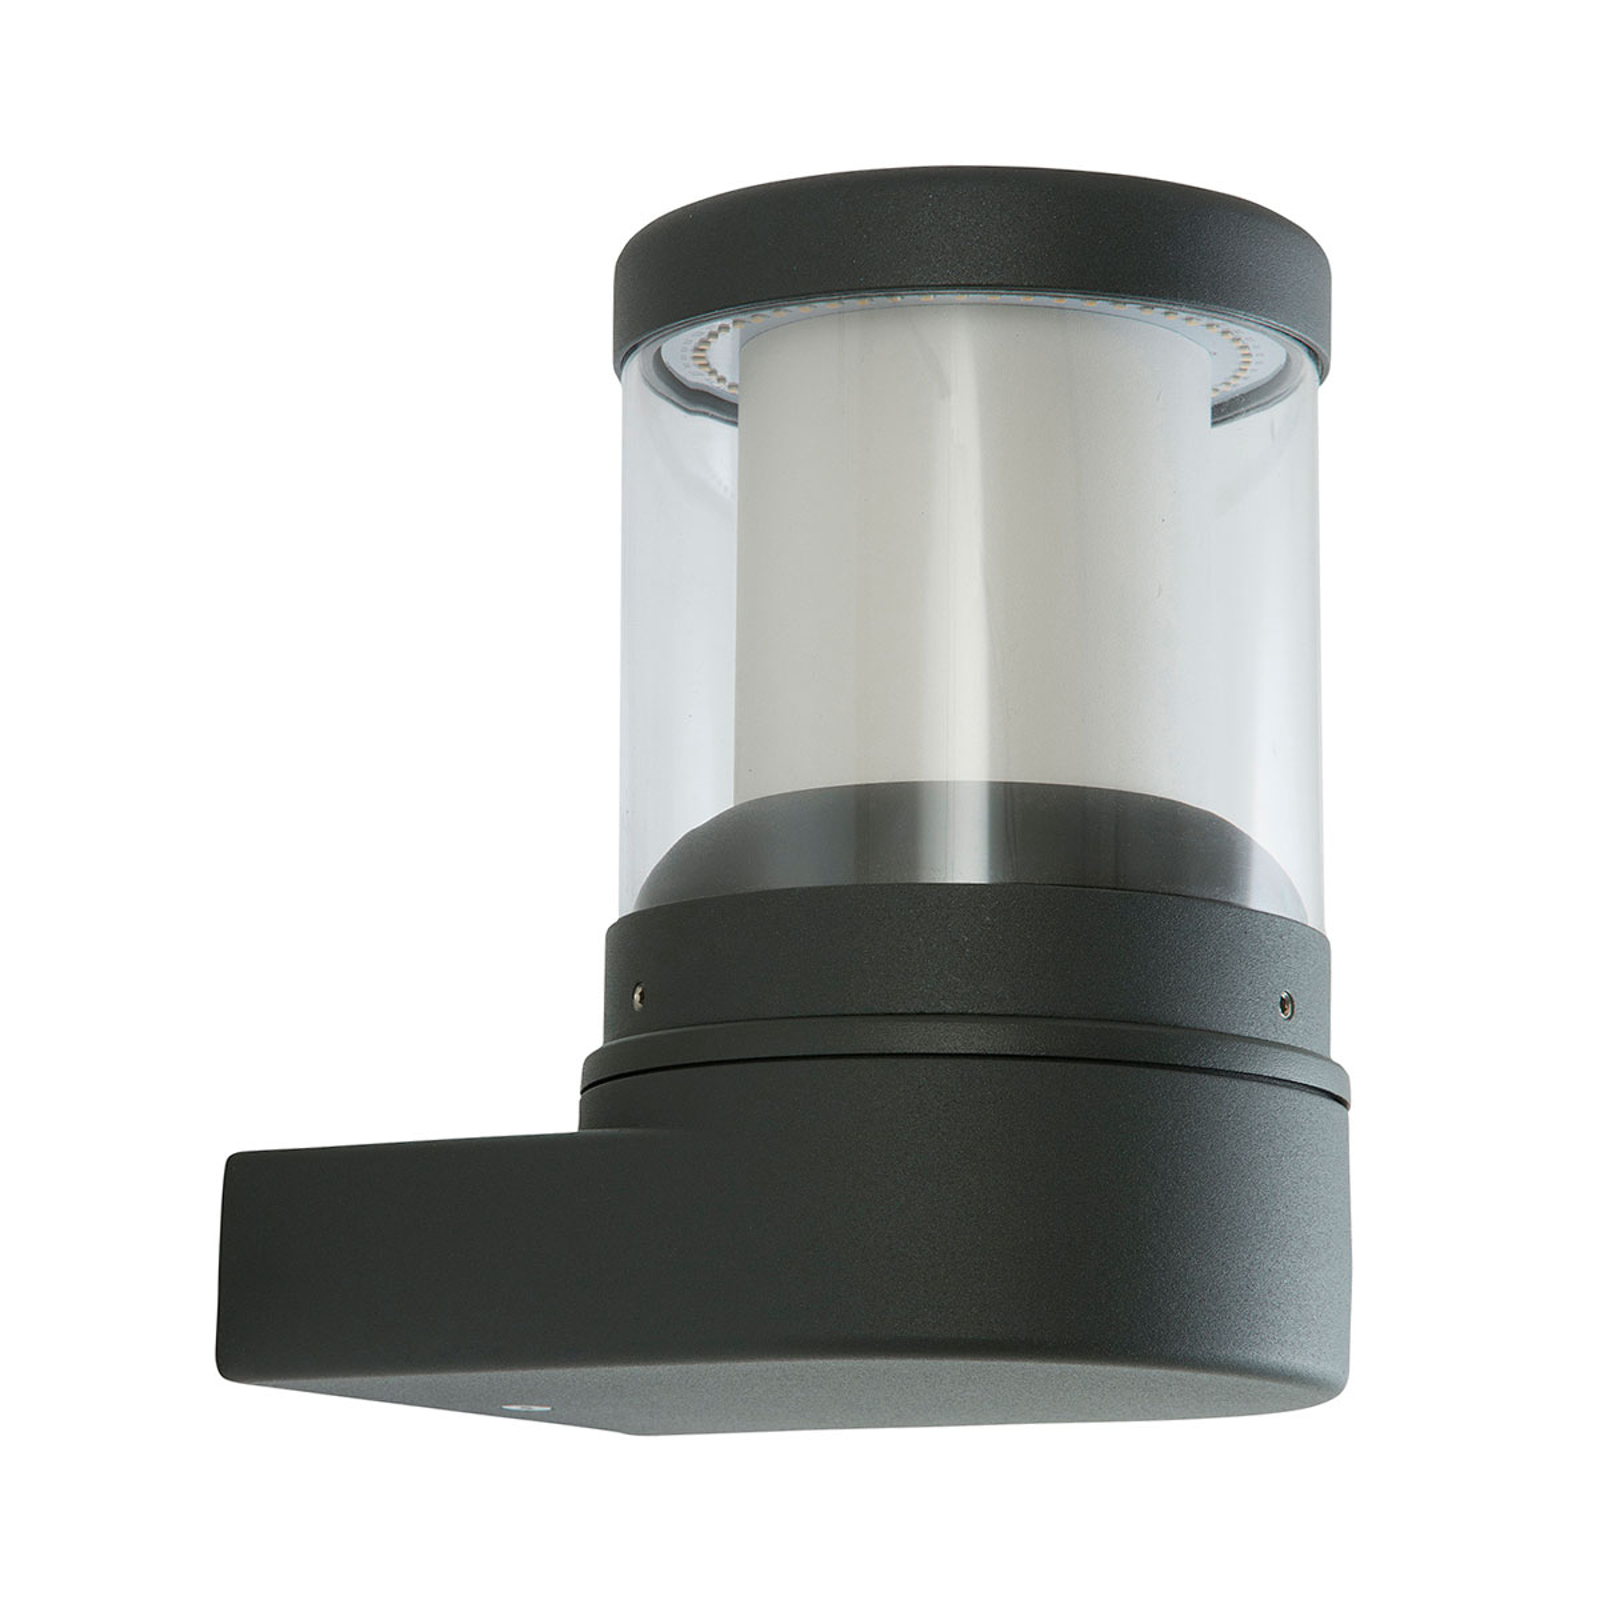 Applique d'extérieur LED Levent graphite